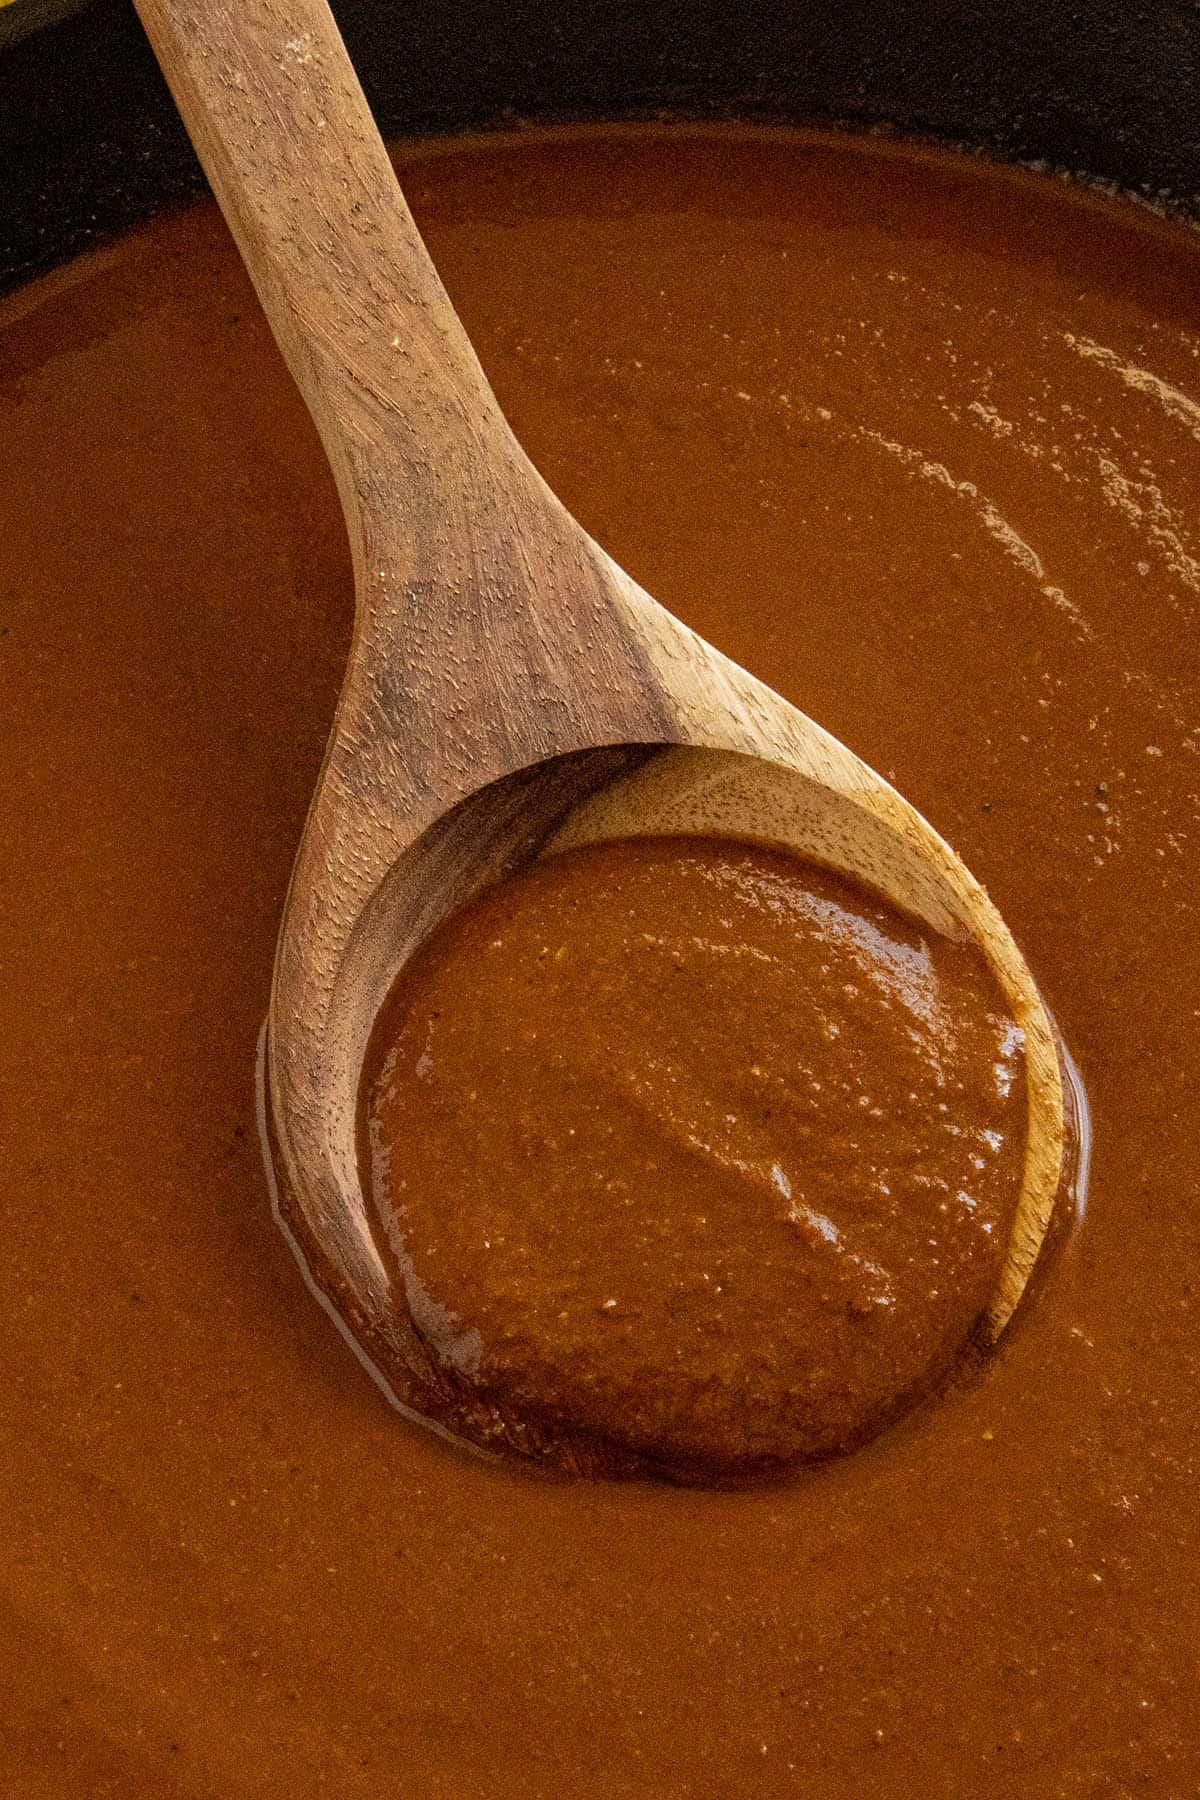 Mole Poblano sauce on a spoon